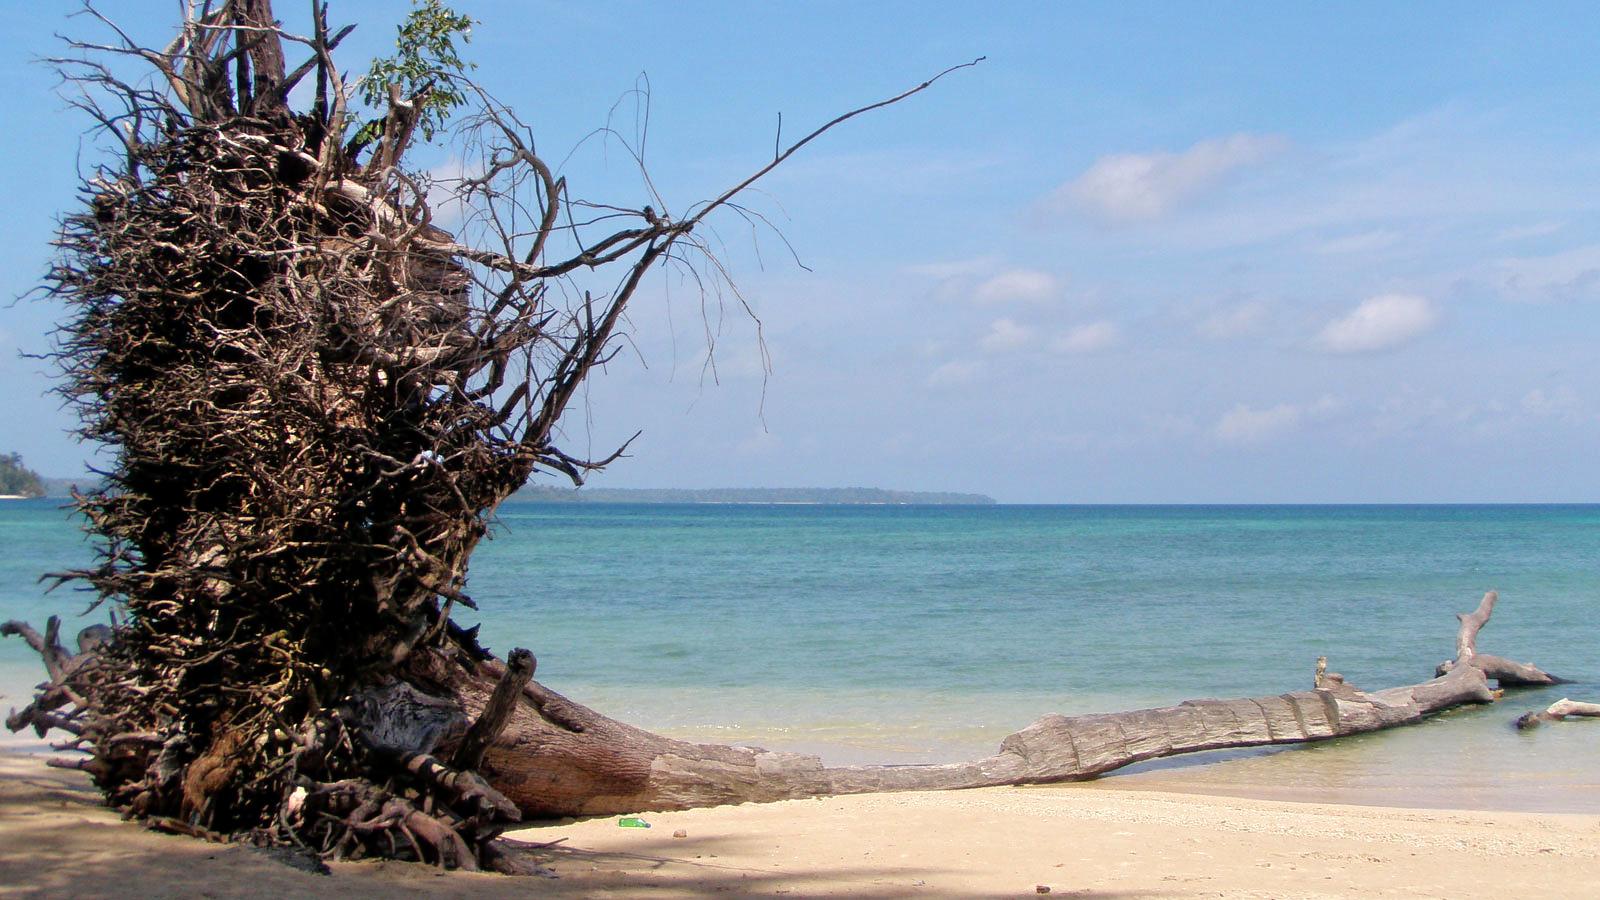 1488289038_wandoor_beach.jpg